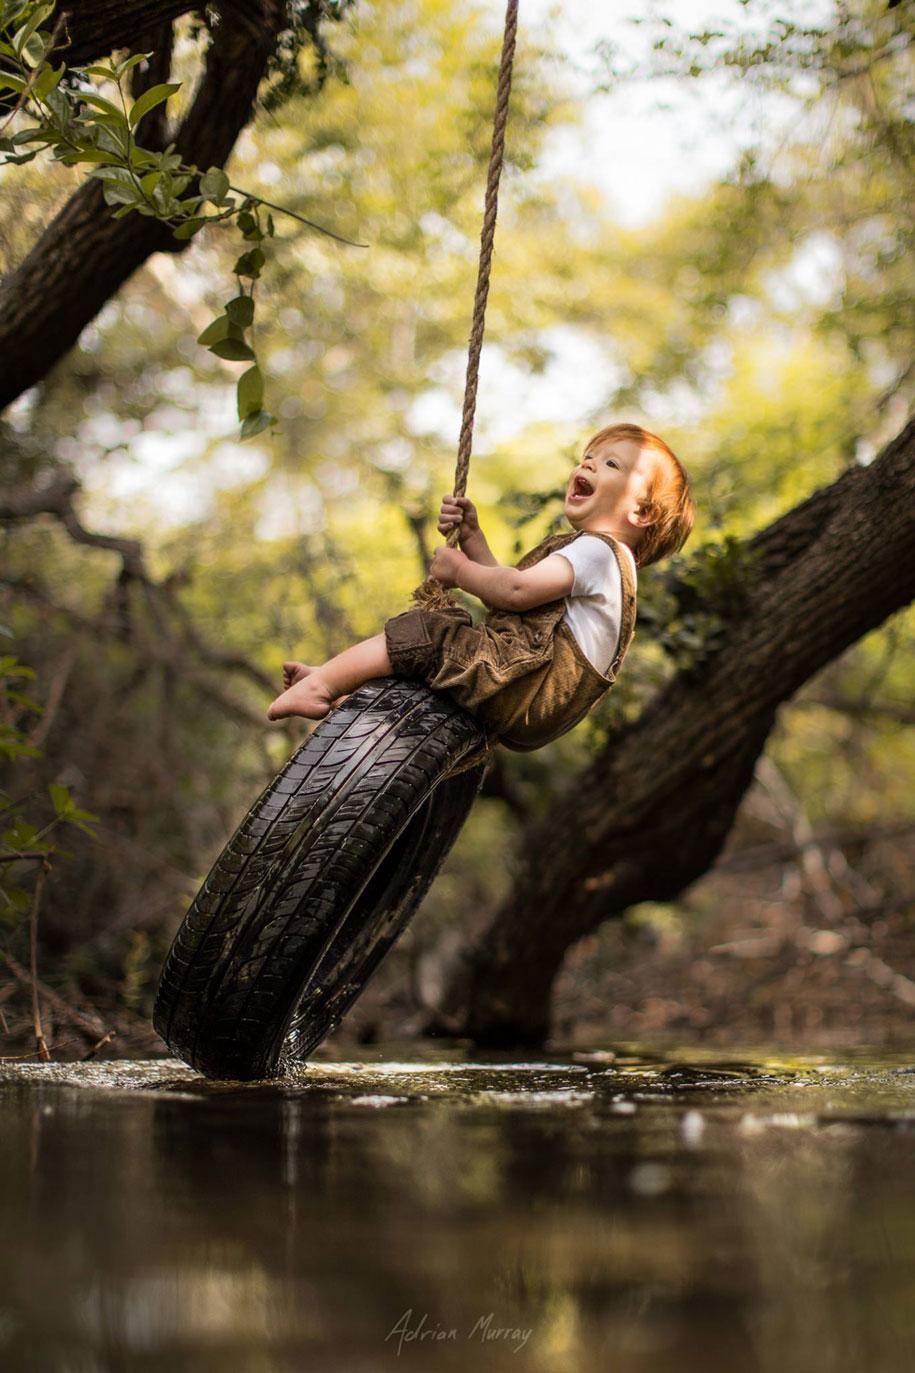 idyllic-summer-pictures-my-children-adrian-murray-1